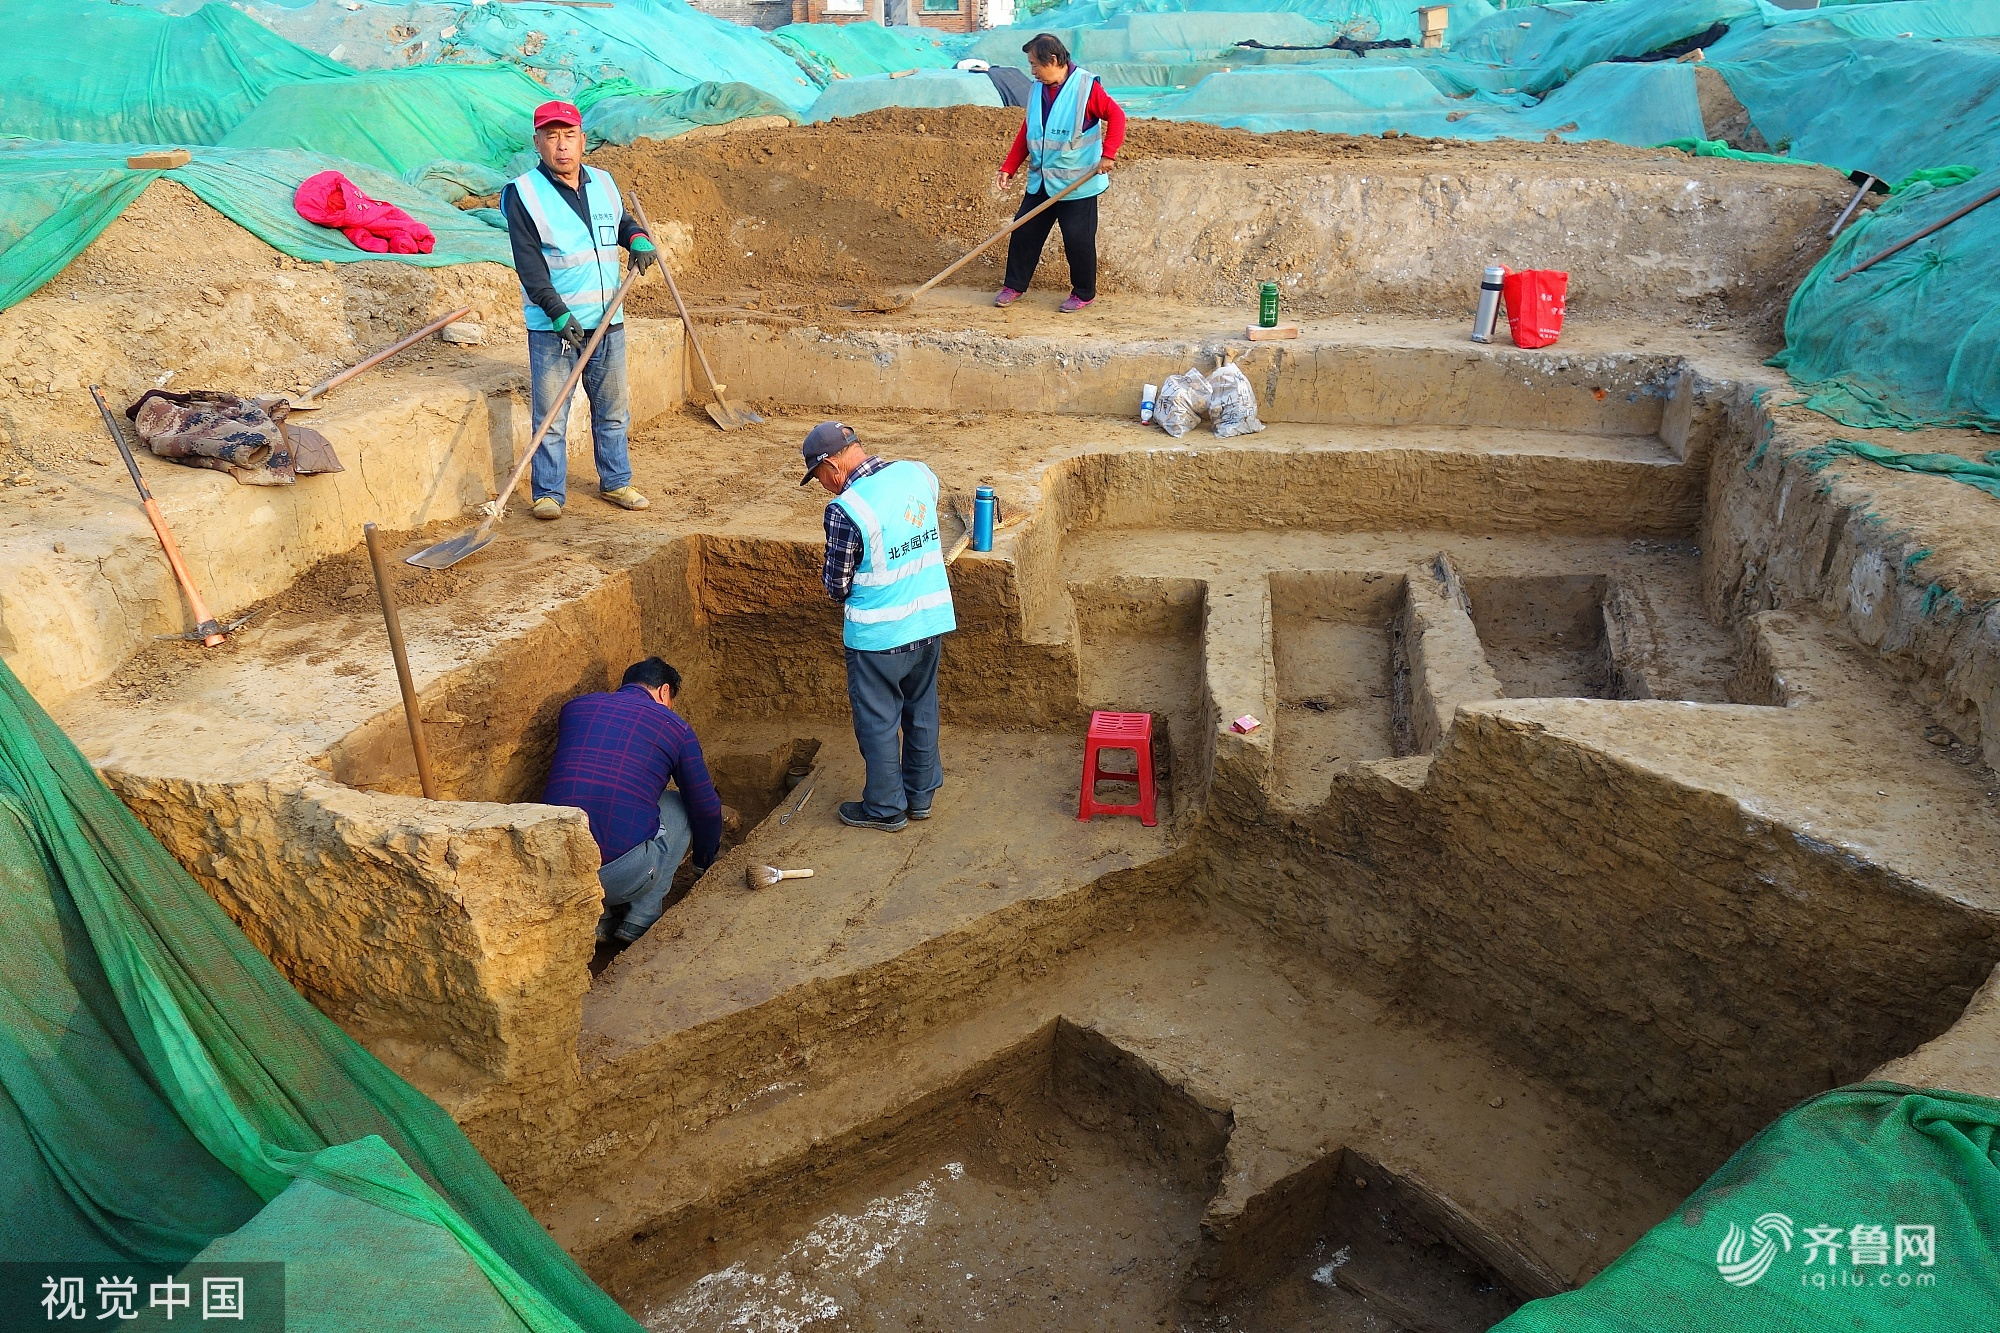 北京景泰地铁站附近发现古墓70座 为明清普通墓葬